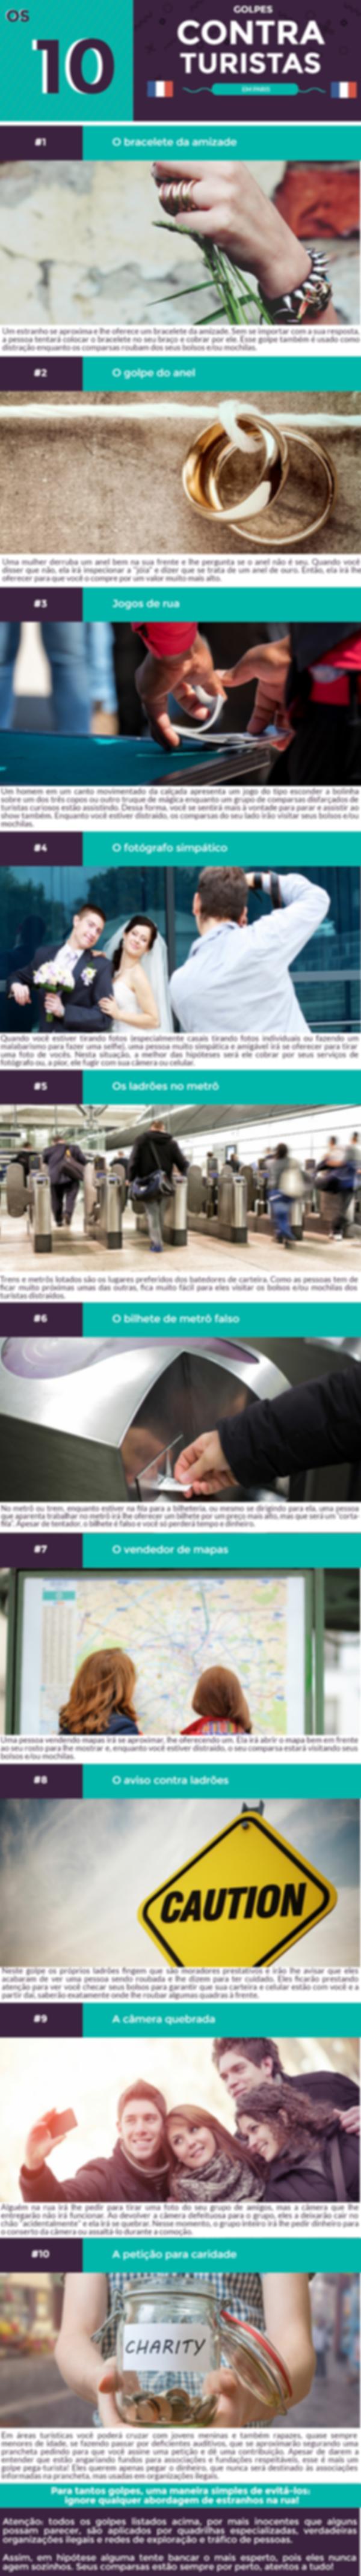 Infográfico Segurança Paris pra Mim